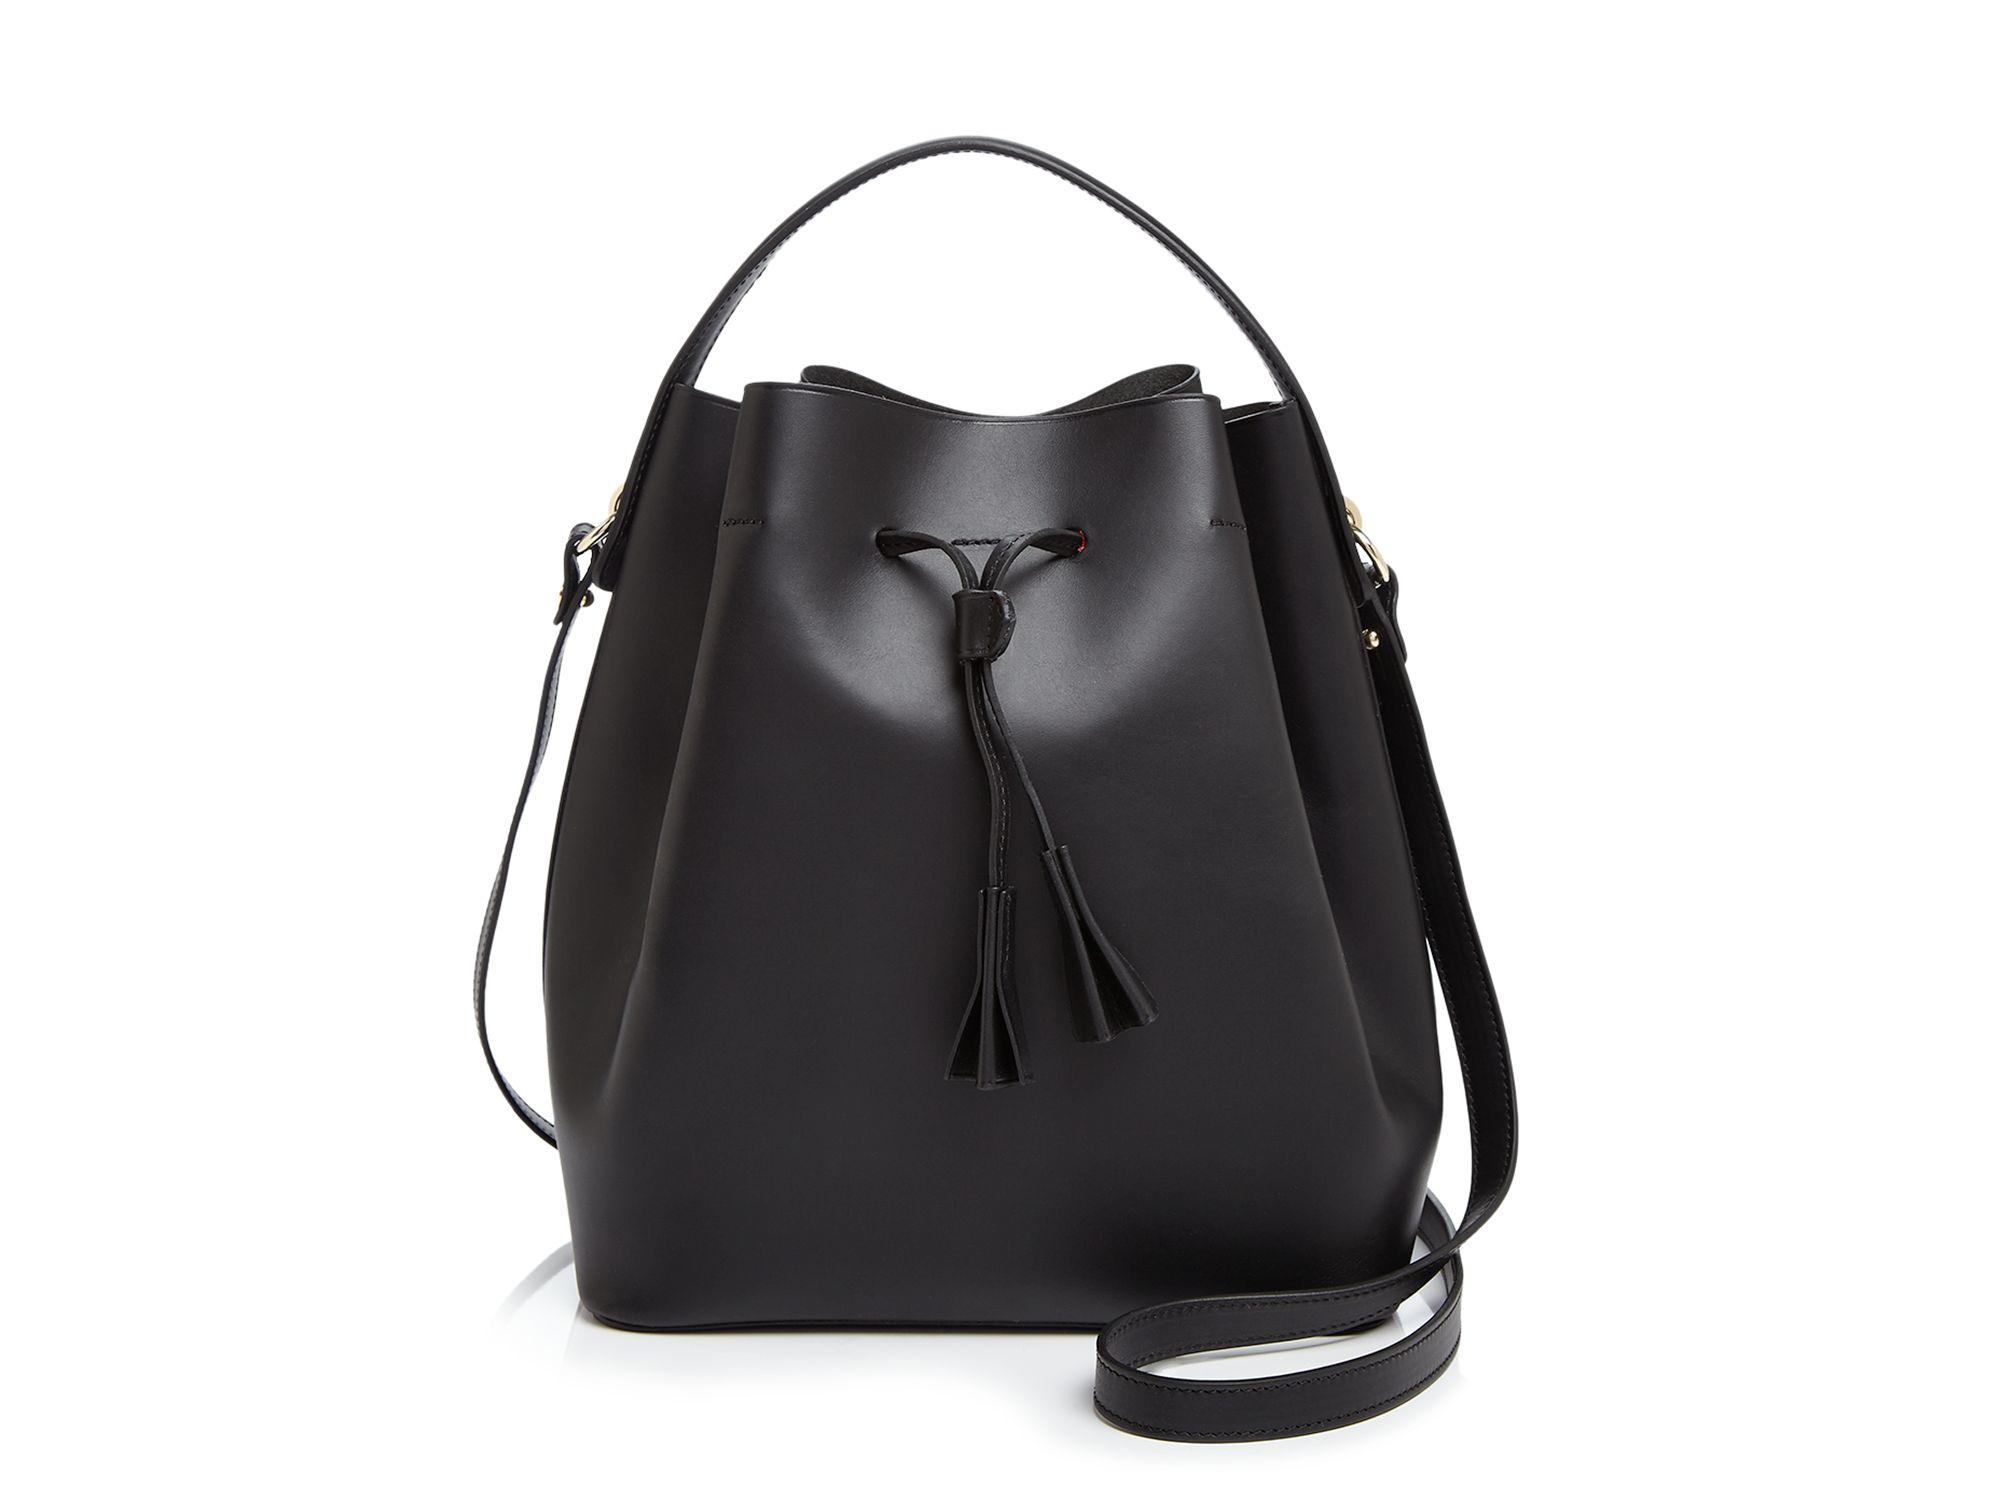 celine luggage bag online shop - celine bucket black